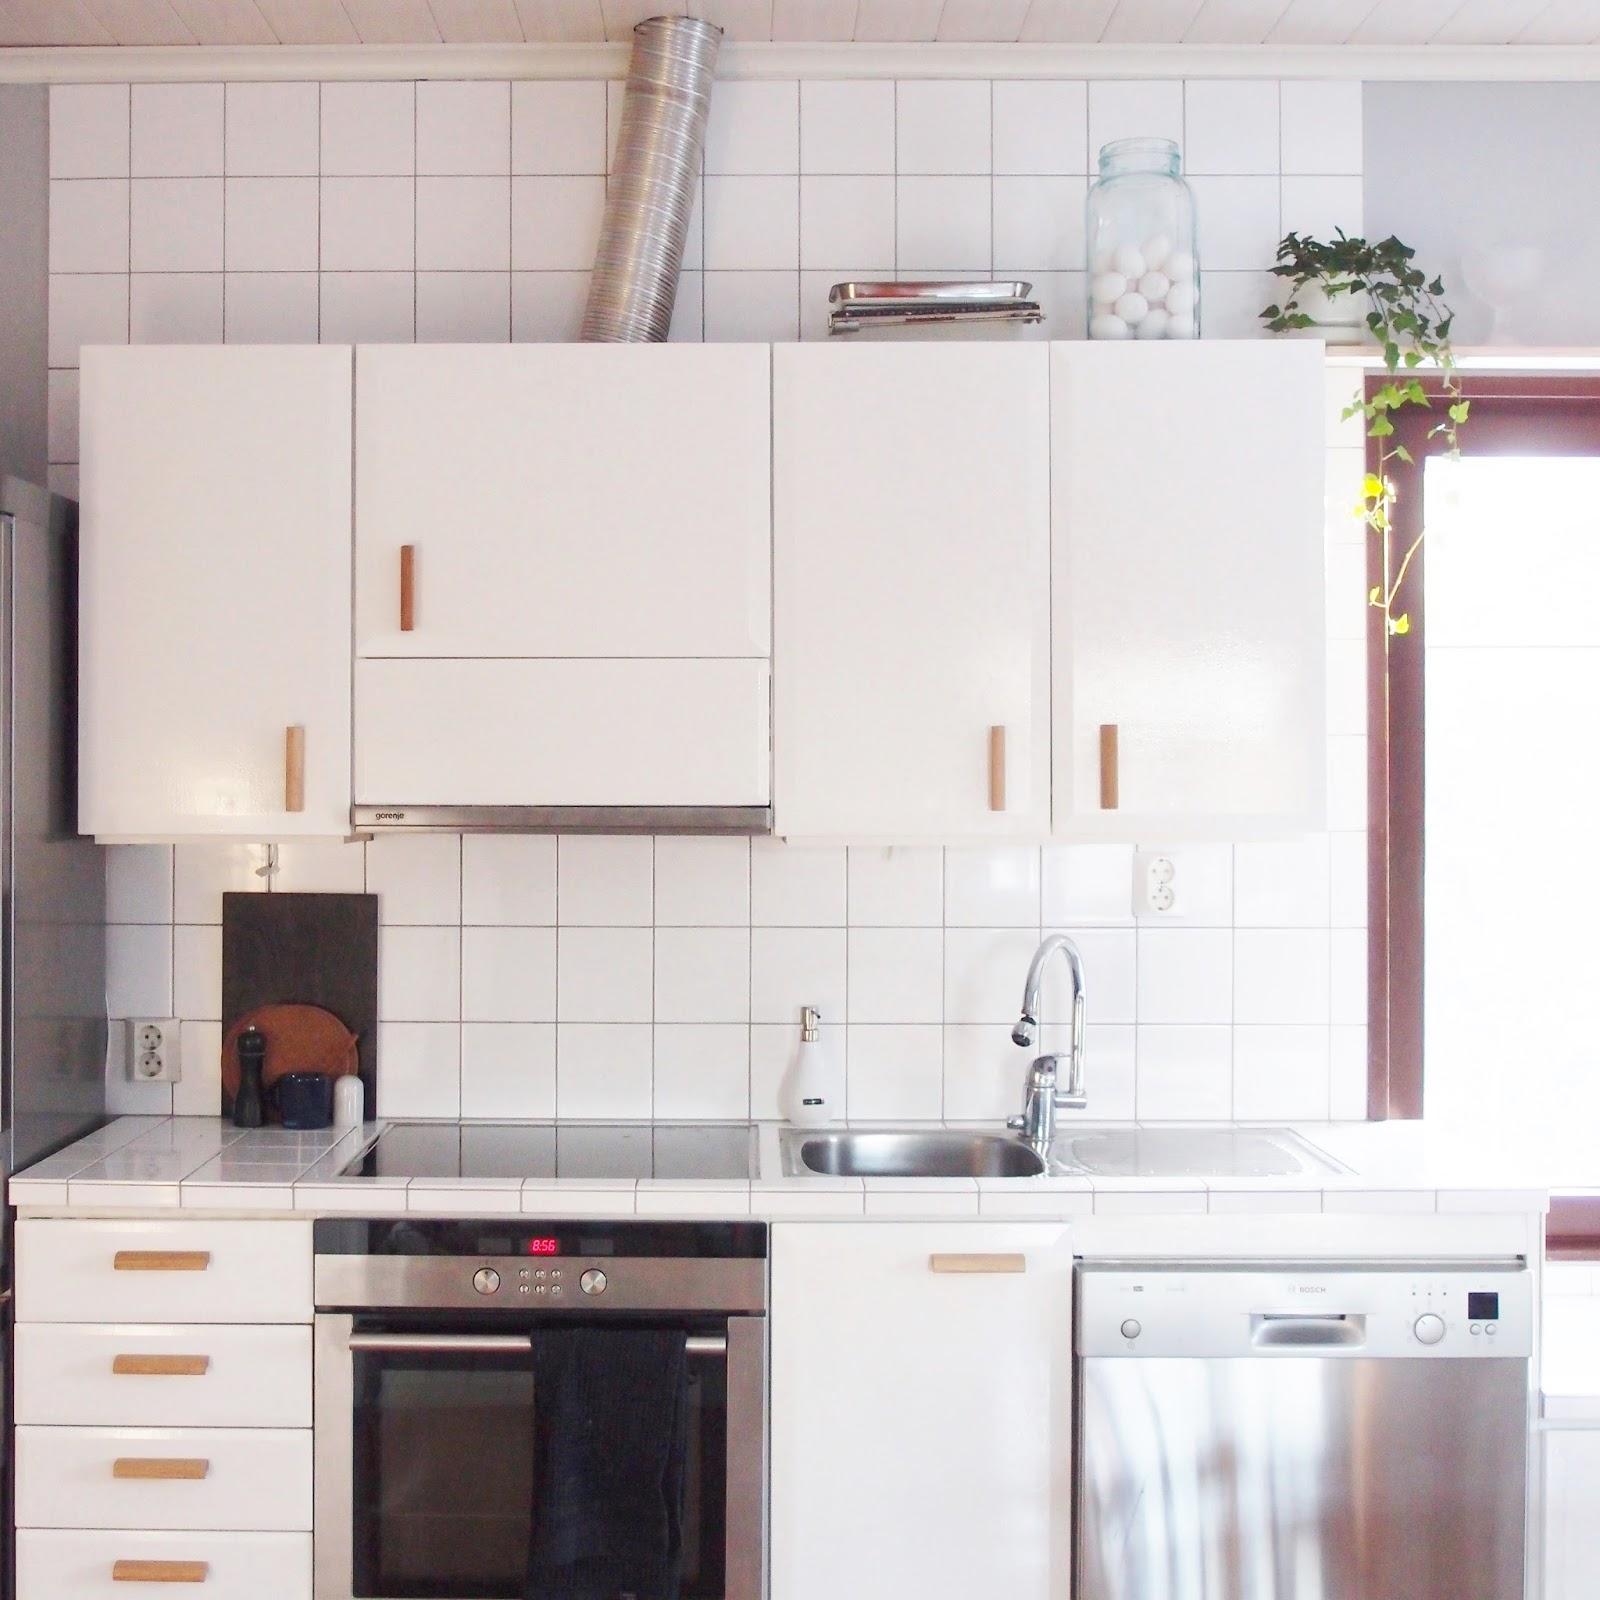 Keskeneräinen Pienen budjetin keittiöremontti